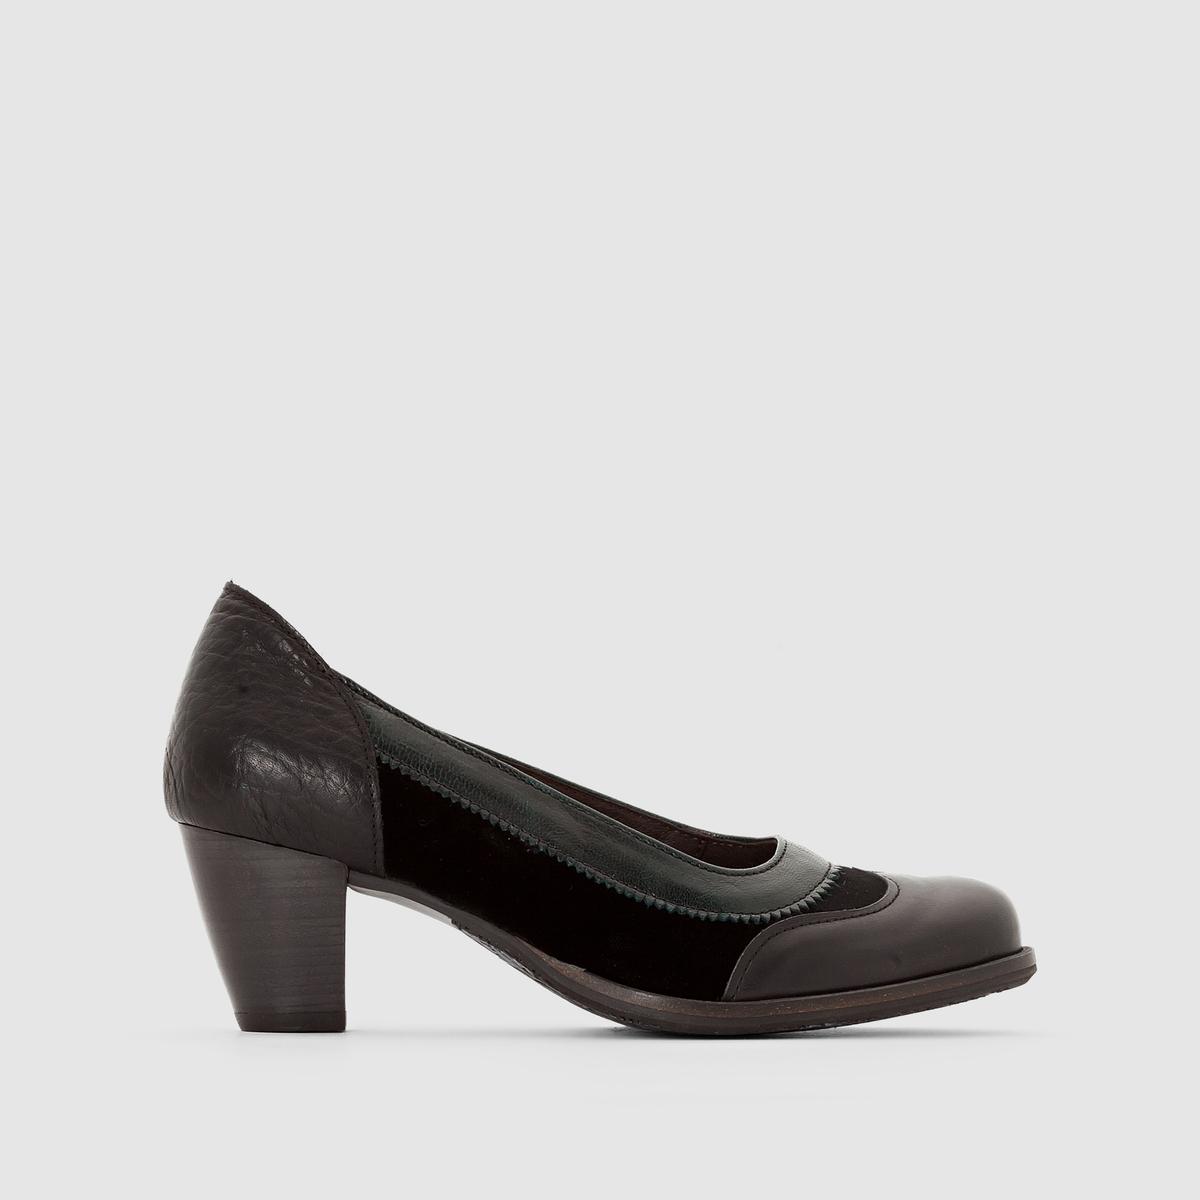 Туфли кожаные ValdisВерх/ Голенище: Яловичная кожа      Подкладка: Кожа     Стелька:  Кожа     Подошва: каучук.     Высота каблука: Средний каблук 4-6 см     Застежка: Без застежки<br><br>Цвет: черный/ синий